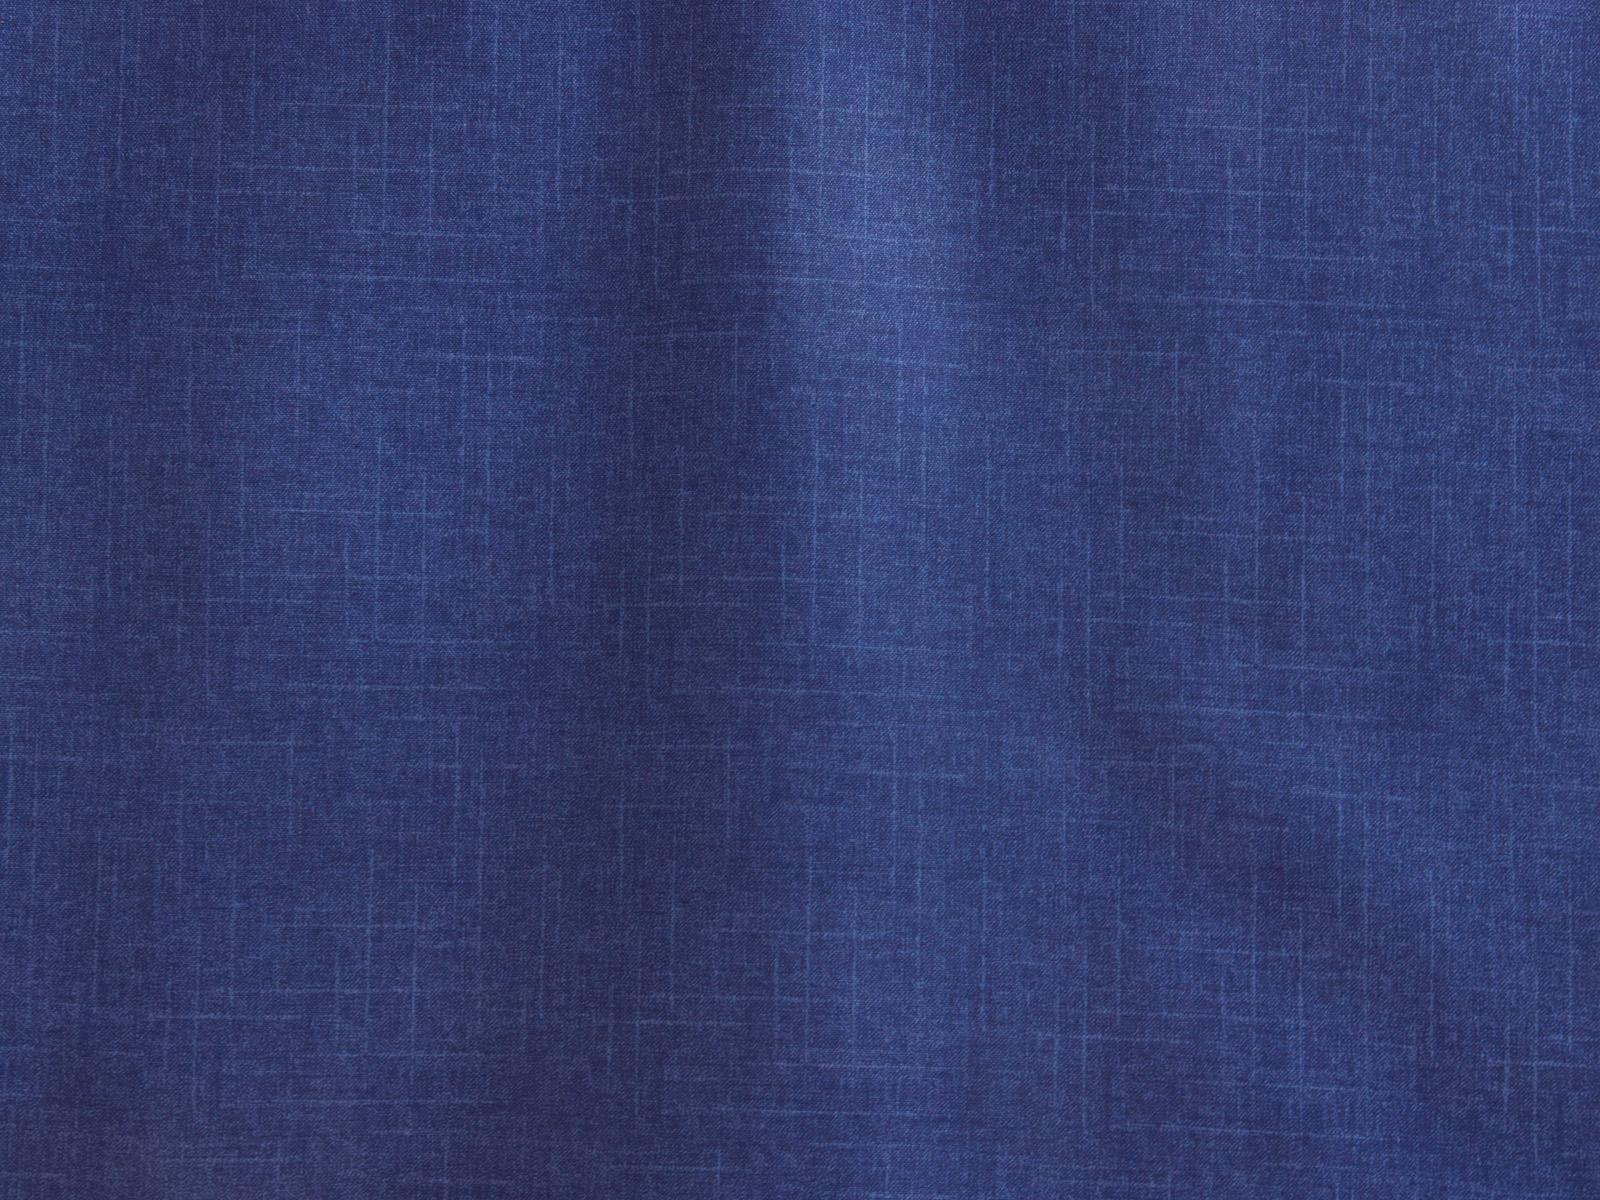 COBALT BLUE 💧